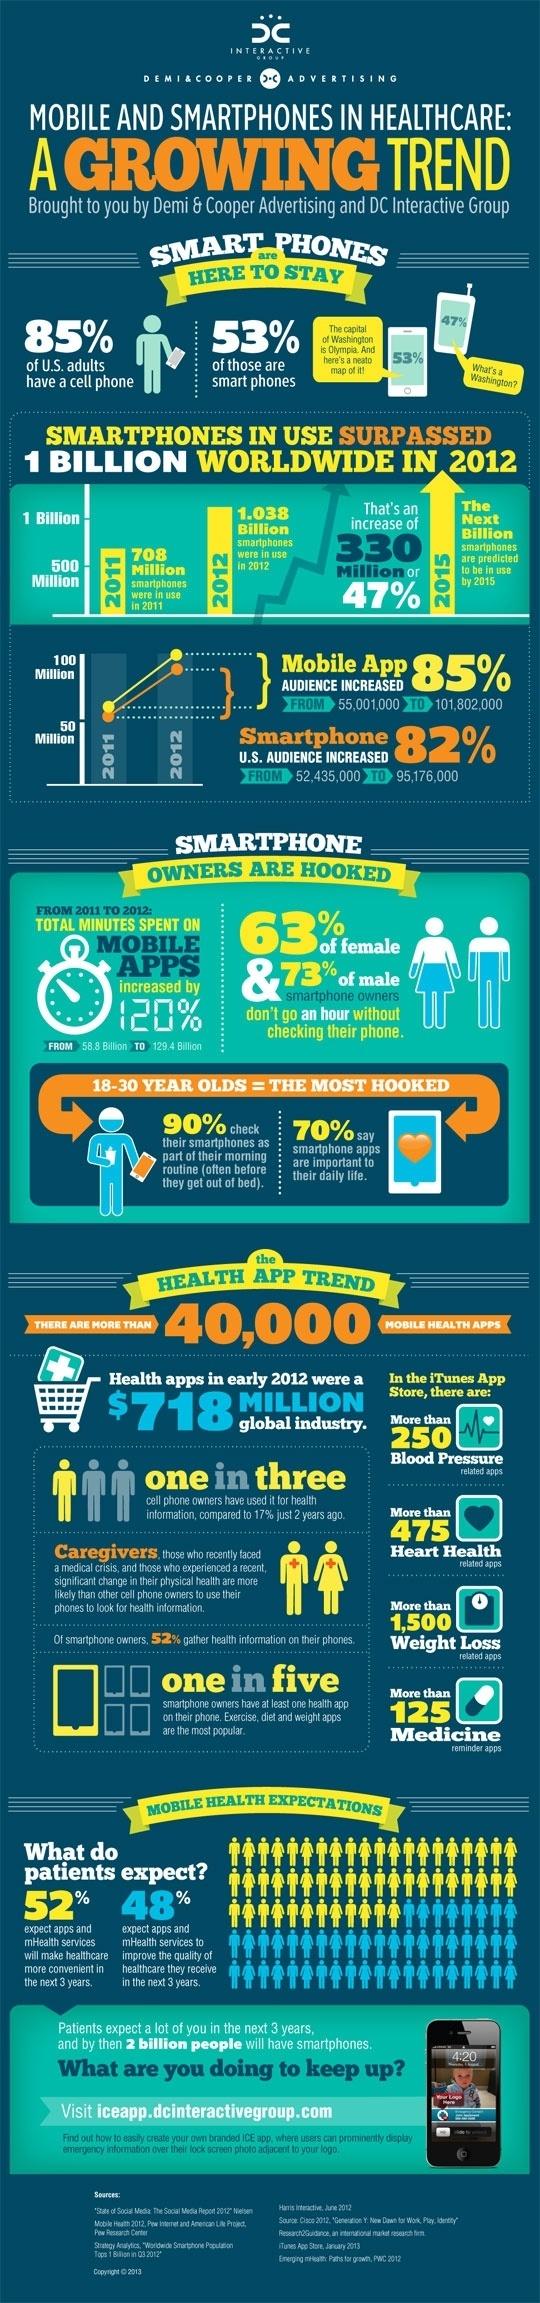 L'usage des mobiles et smartphones : une tendance forte en e-santé | Demain la veille.